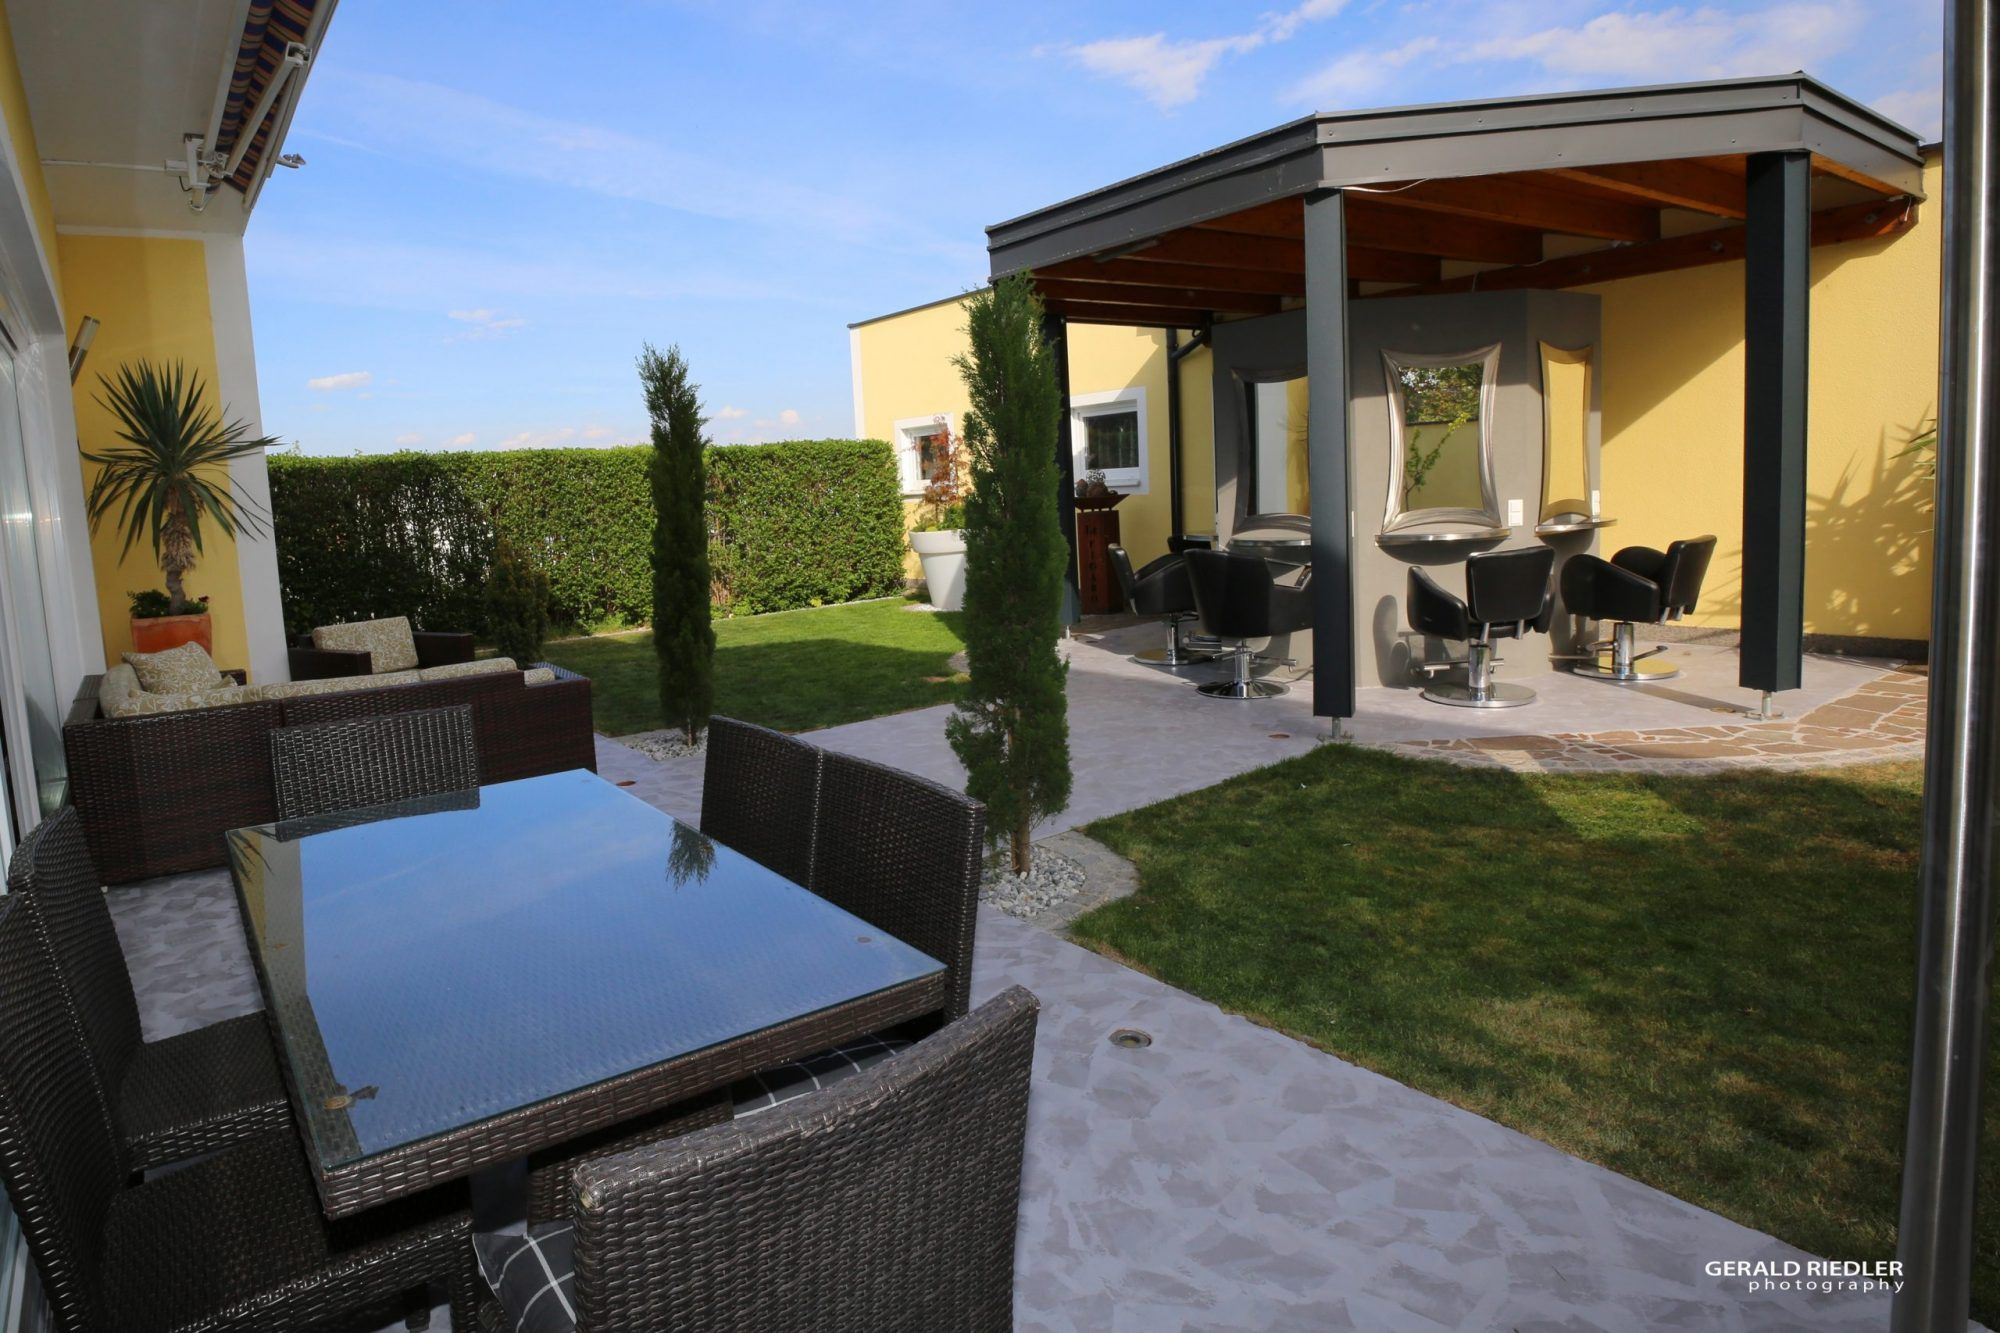 Le Figaro Petzenkirchen Garten